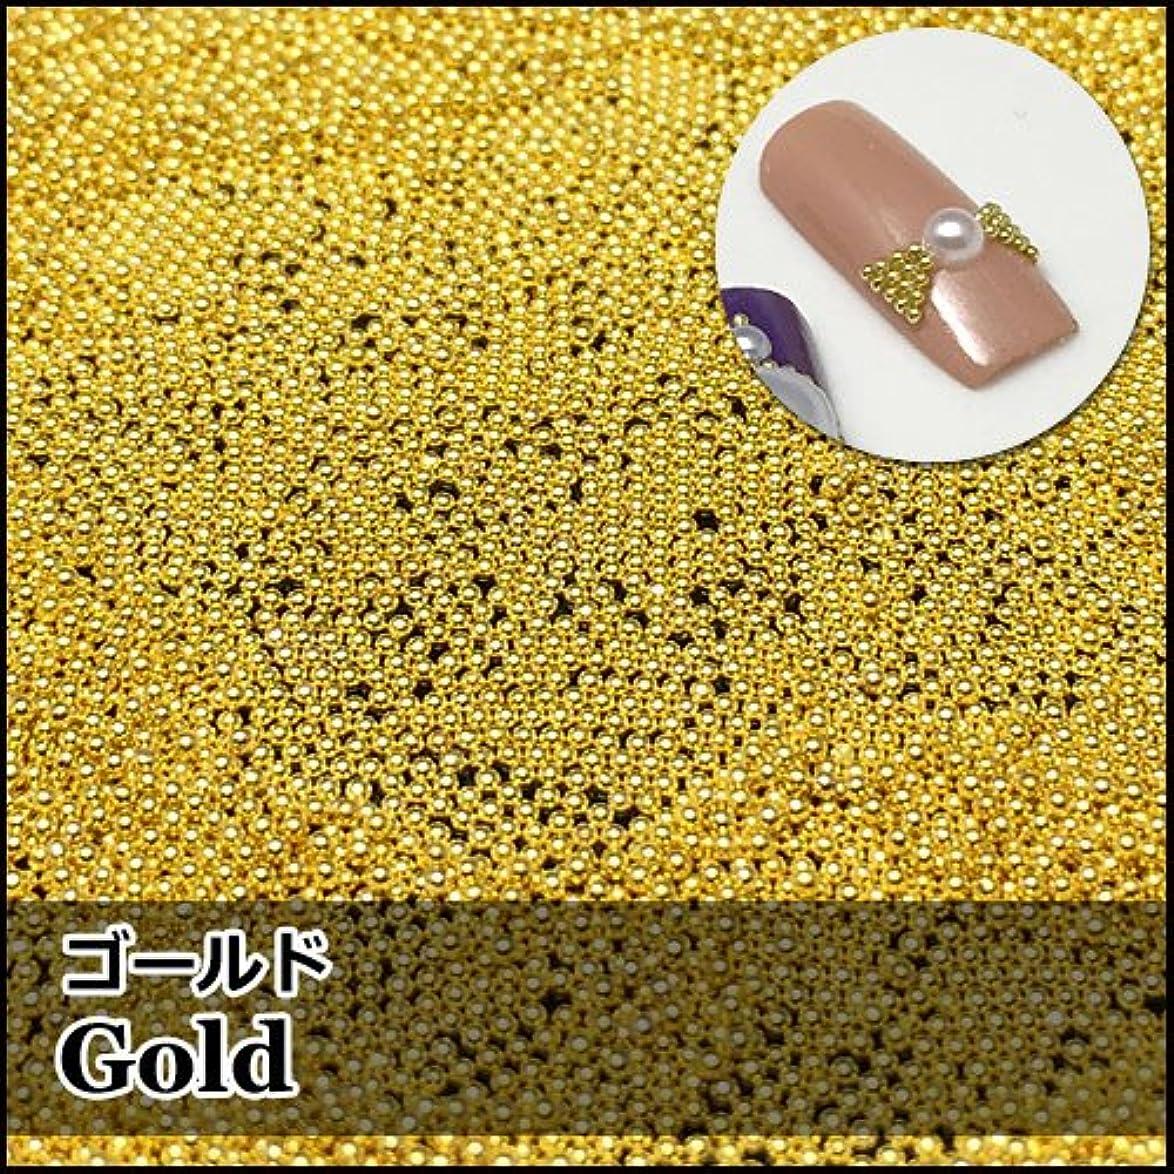 メタリックブリオン「ゴールド」1mm×3g入り(約600粒) [並行輸入品]